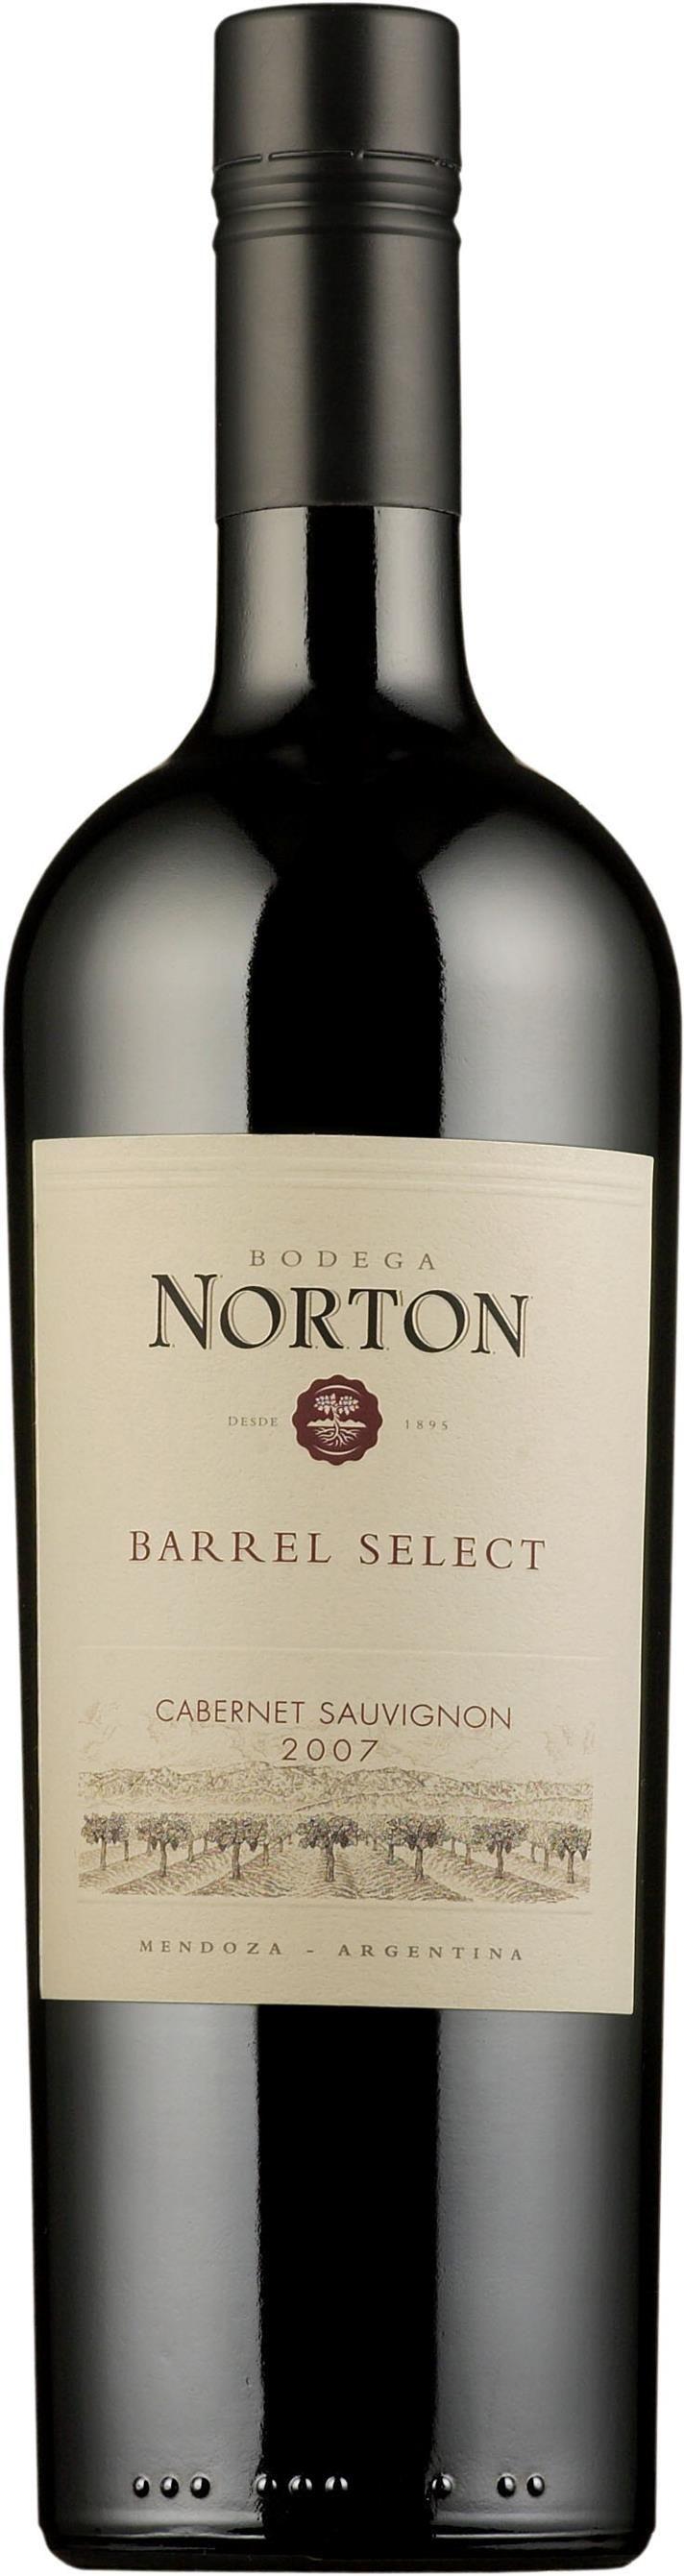 Norton Barrel Select Cabernet Sauvignon 2014 punaviini argentiina 4/5 löytö 10,95 Tummasävytteinen tuoksu on kypsän marjainen, muistuttaen muun muassa mustaherukoita. Tuoksussa on myös maanläheisiä ja paahteisia piirteitä. Suuntäyttävä maku seuraa aromeiltaan tummaa tuoksua. Viini on reilun hedelmäinen ja tästä johtuen pyöreän pehmeä. Suutuntuma on varsin kiltti. Savuisia piirteitä, makeaa mausteisuutta. Nielua lämmittävä jälkivaikutelma on pitkä ja harmoninen. Ruokasuositus: Tummat…